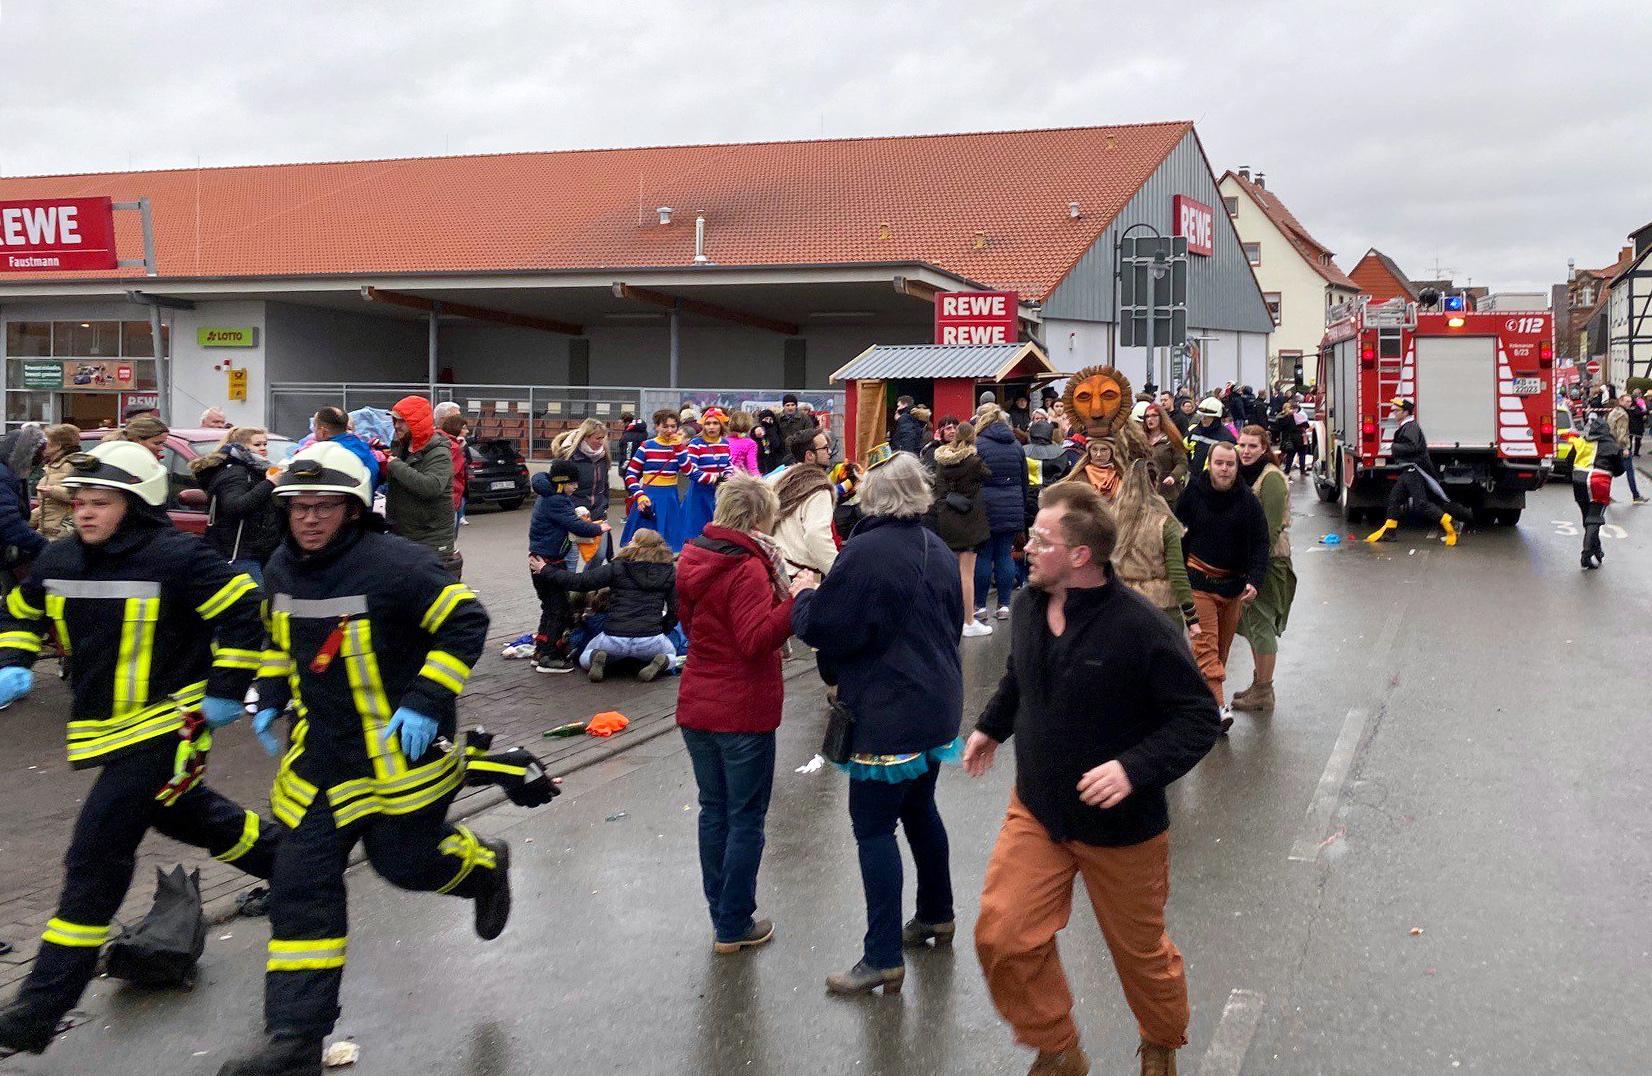 Vokietijos policija: vairuotojas tyčia nukreipė automobilį į žmones, bet tai ne teroro aktas